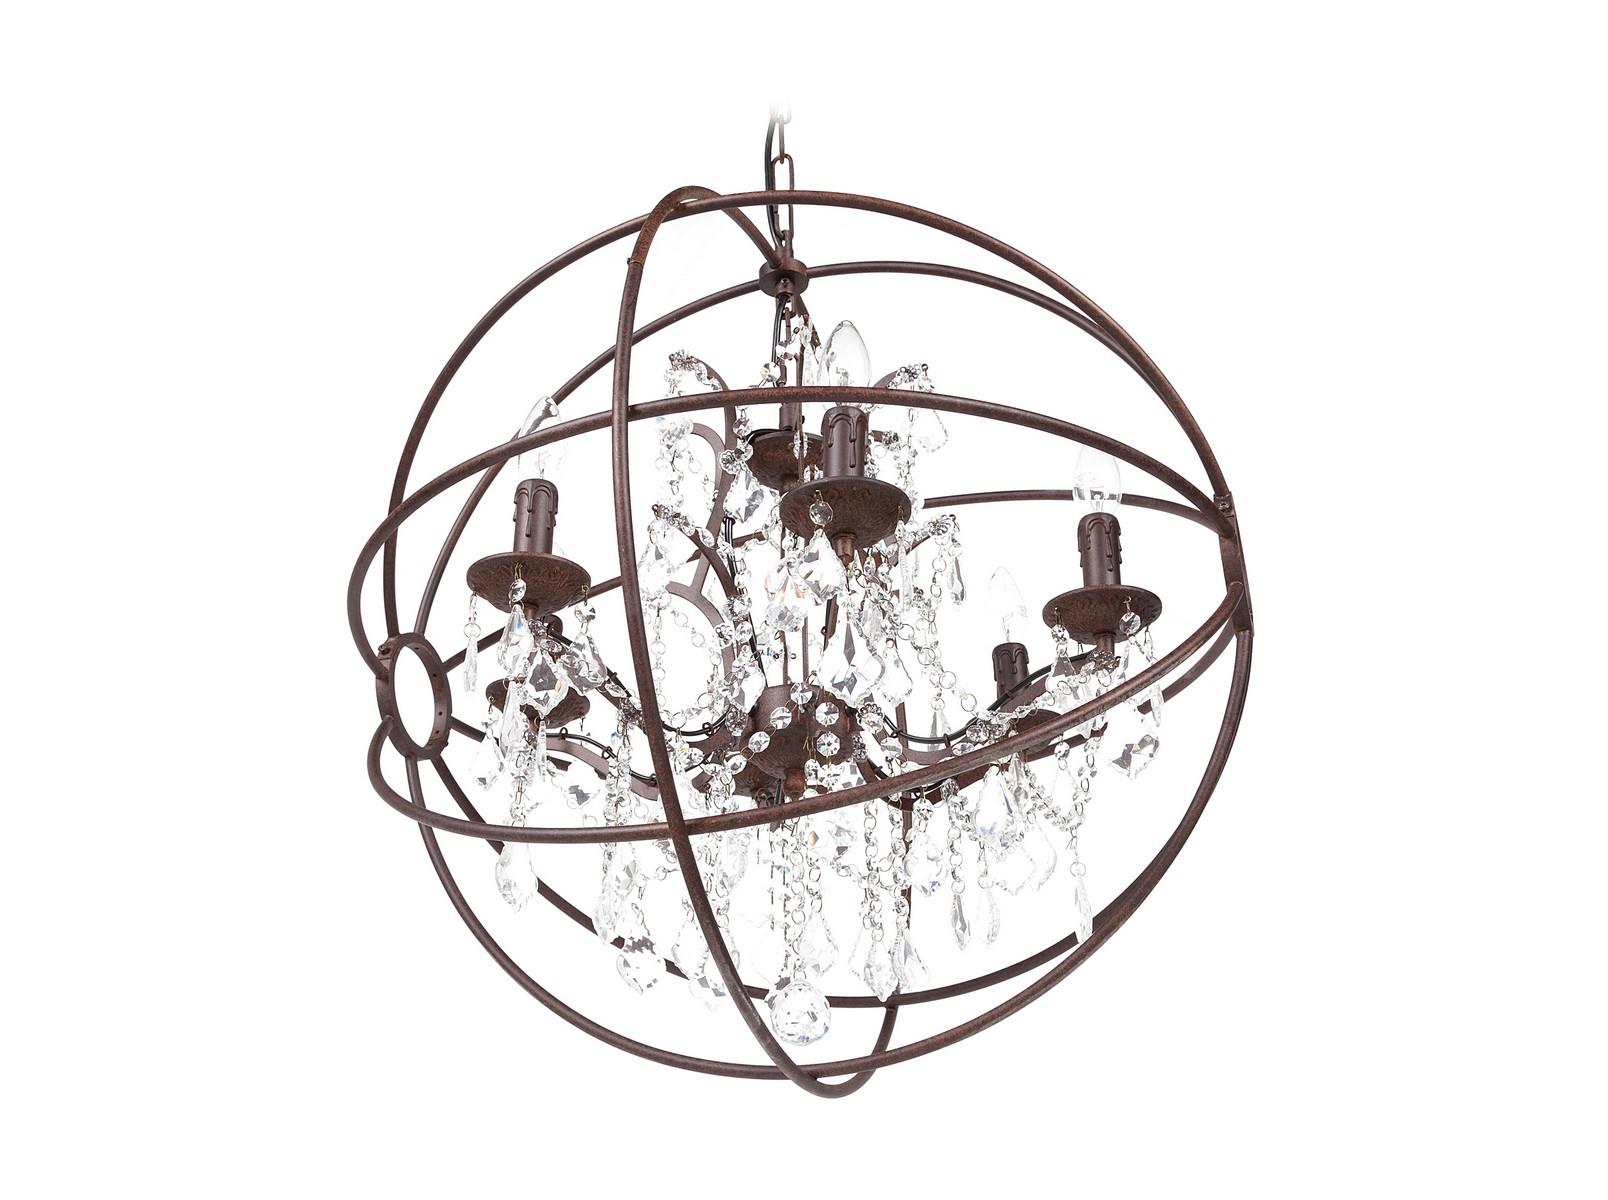 Люстра SvonchetЛюстры подвесные<br>Дизайнерская люстра Svonchet призвана не только освещать интерьерное пространство, но и восхищать обитателей этого пространства. Ещё бы! Шикарная люстра в классическом стиле облачена в металлический каркас, образующий сферу. Внутри сферы размещены хрустальные подвески, создающие оригинальную игру света. Вся эта композиция непременно заворожит и вдохновит даже самого взыскательного ценителя прекрасного.&amp;lt;div&amp;gt;&amp;lt;br&amp;gt;&amp;lt;/div&amp;gt;&amp;lt;div&amp;gt;&amp;lt;div&amp;gt;Вид цоколя: Е14&amp;lt;/div&amp;gt;&amp;lt;div&amp;gt;Мощность лампы: 40W&amp;lt;/div&amp;gt;&amp;lt;div&amp;gt;Количество ламп: 6&amp;lt;/div&amp;gt;&amp;lt;div&amp;gt;Наличие ламп: нет&amp;lt;/div&amp;gt;&amp;lt;/div&amp;gt;<br><br>Material: Металл<br>Height см: 73<br>Diameter см: 66